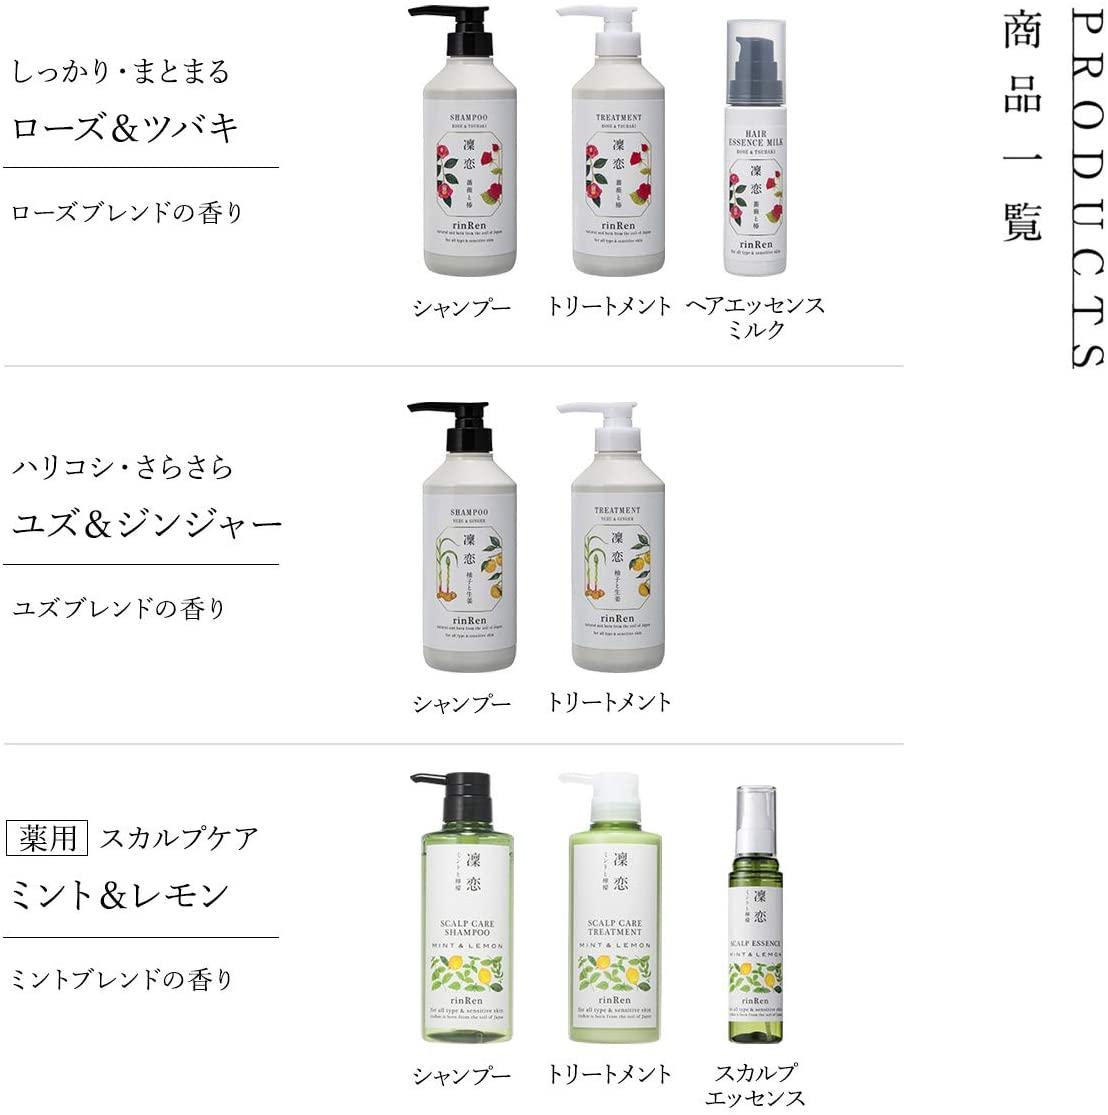 凛恋(リンレン)レメディアル シャンプー ミント&レモンの商品画像15